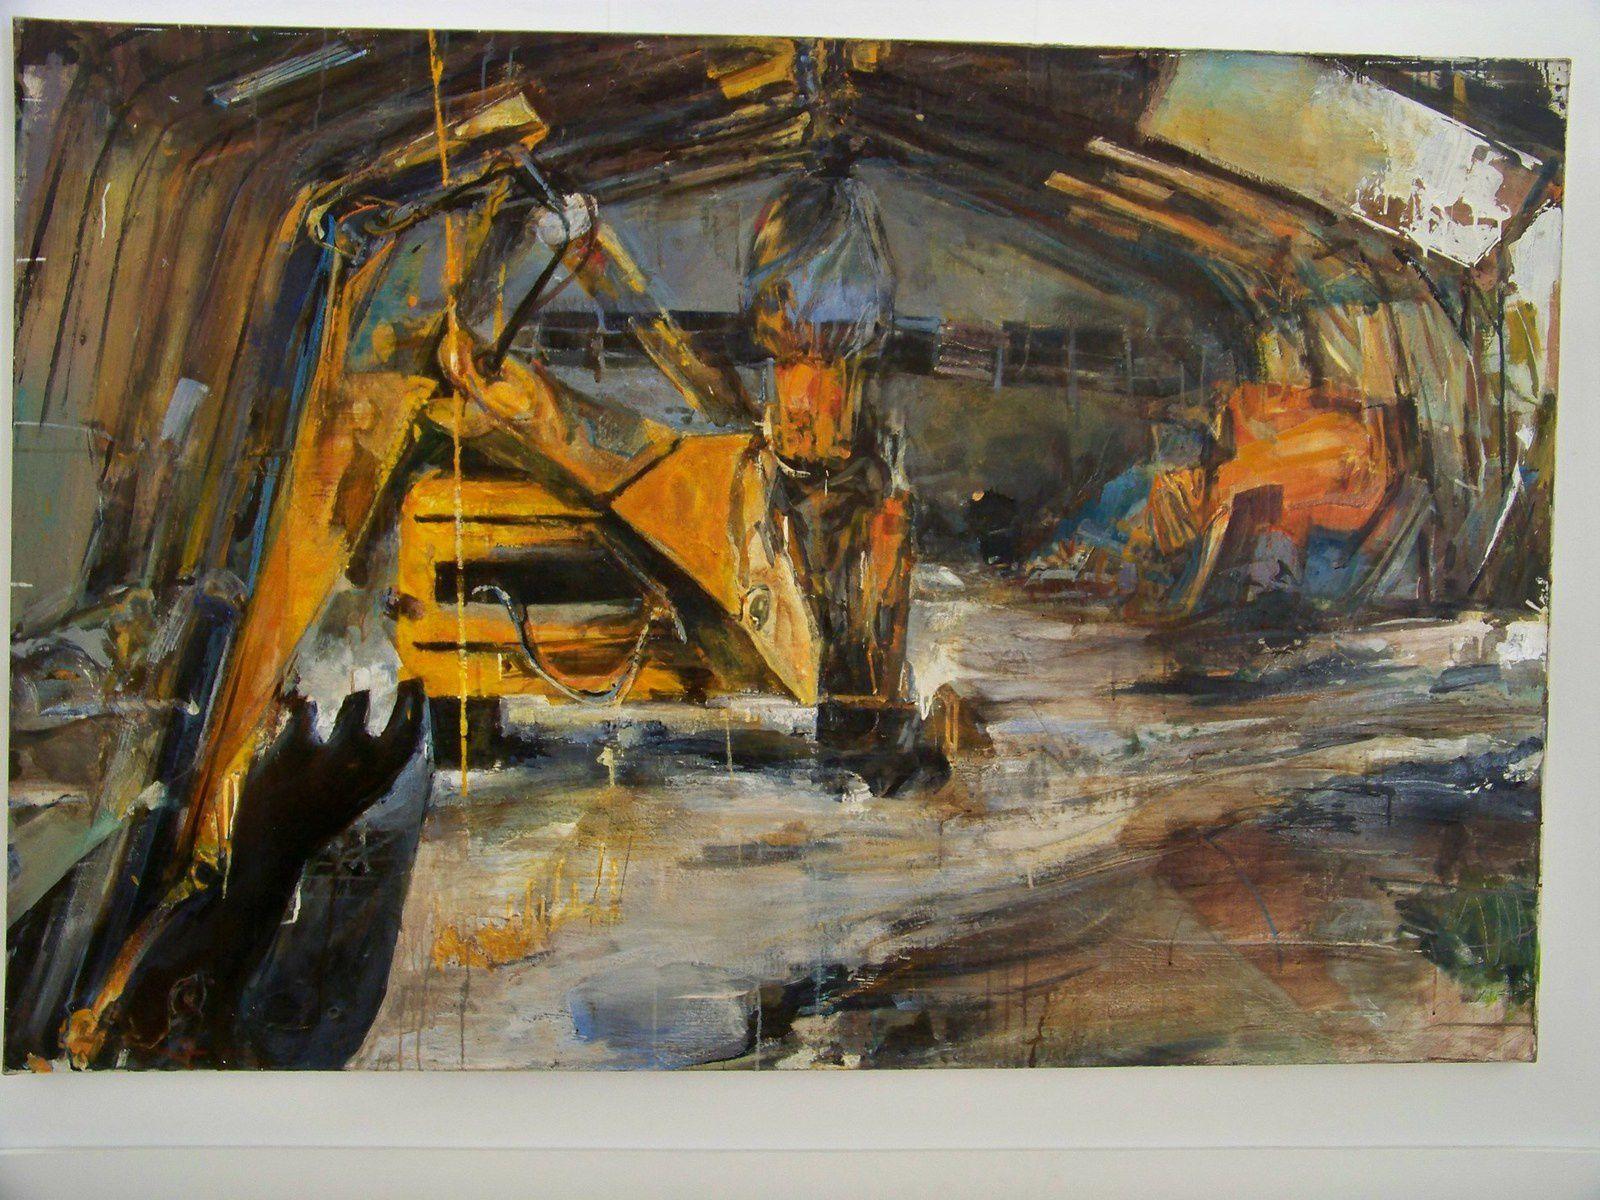 L'artiste peintre, Céline Gauthier, s'expose à la Laiterie